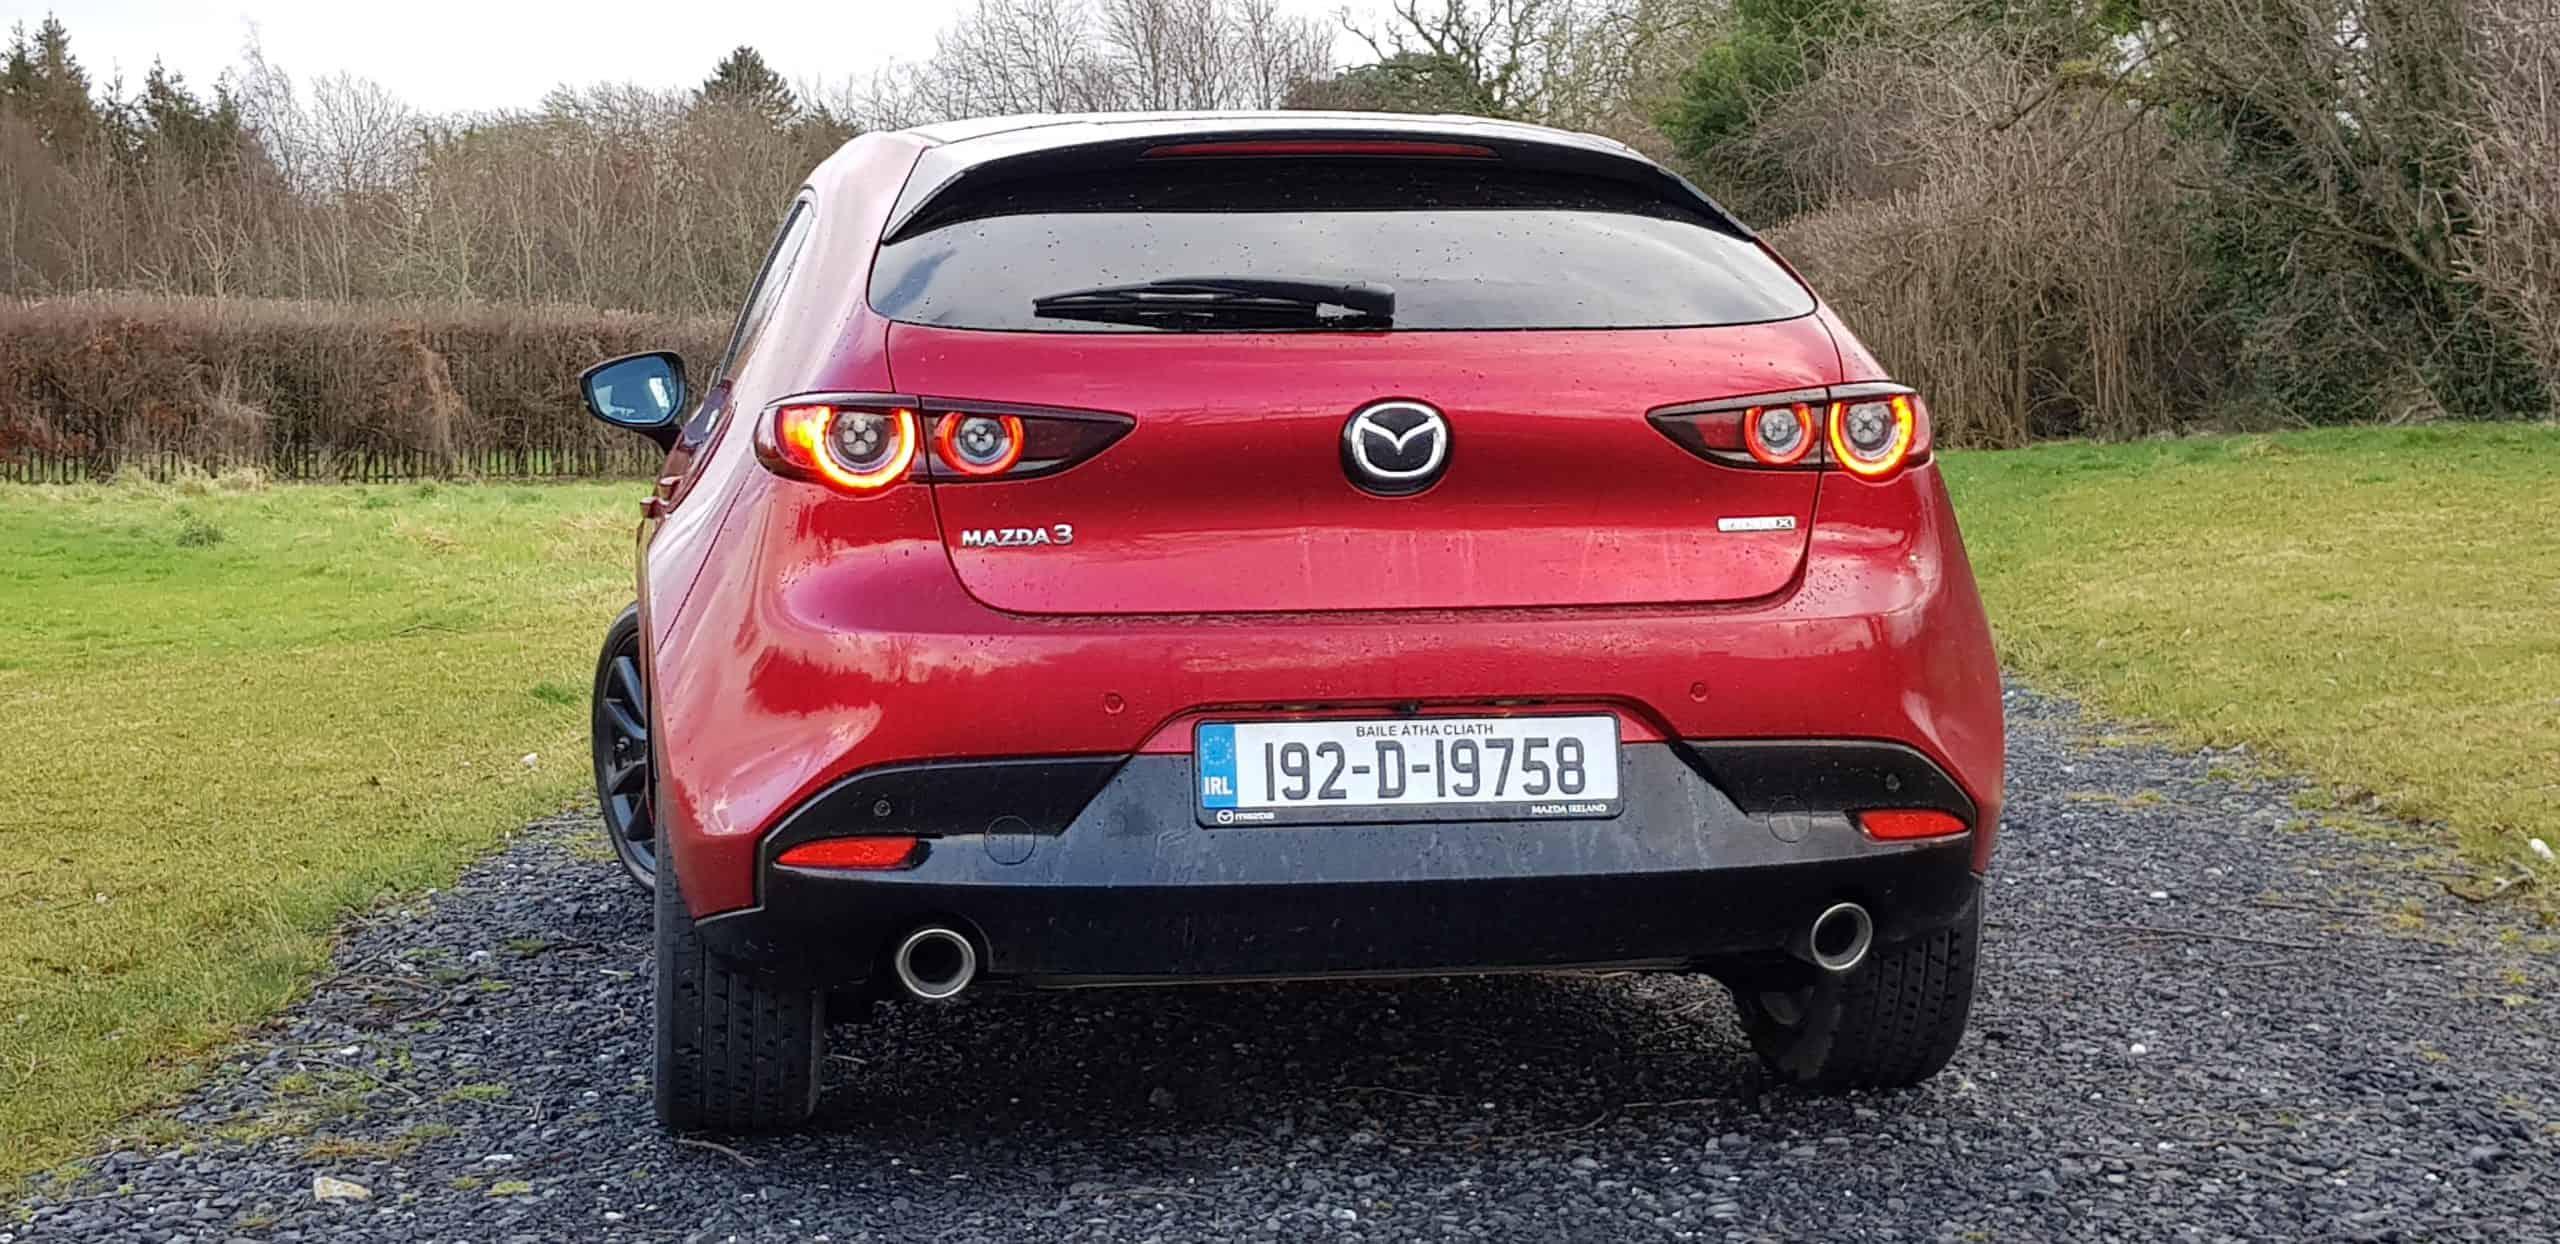 Mazda 3 X7